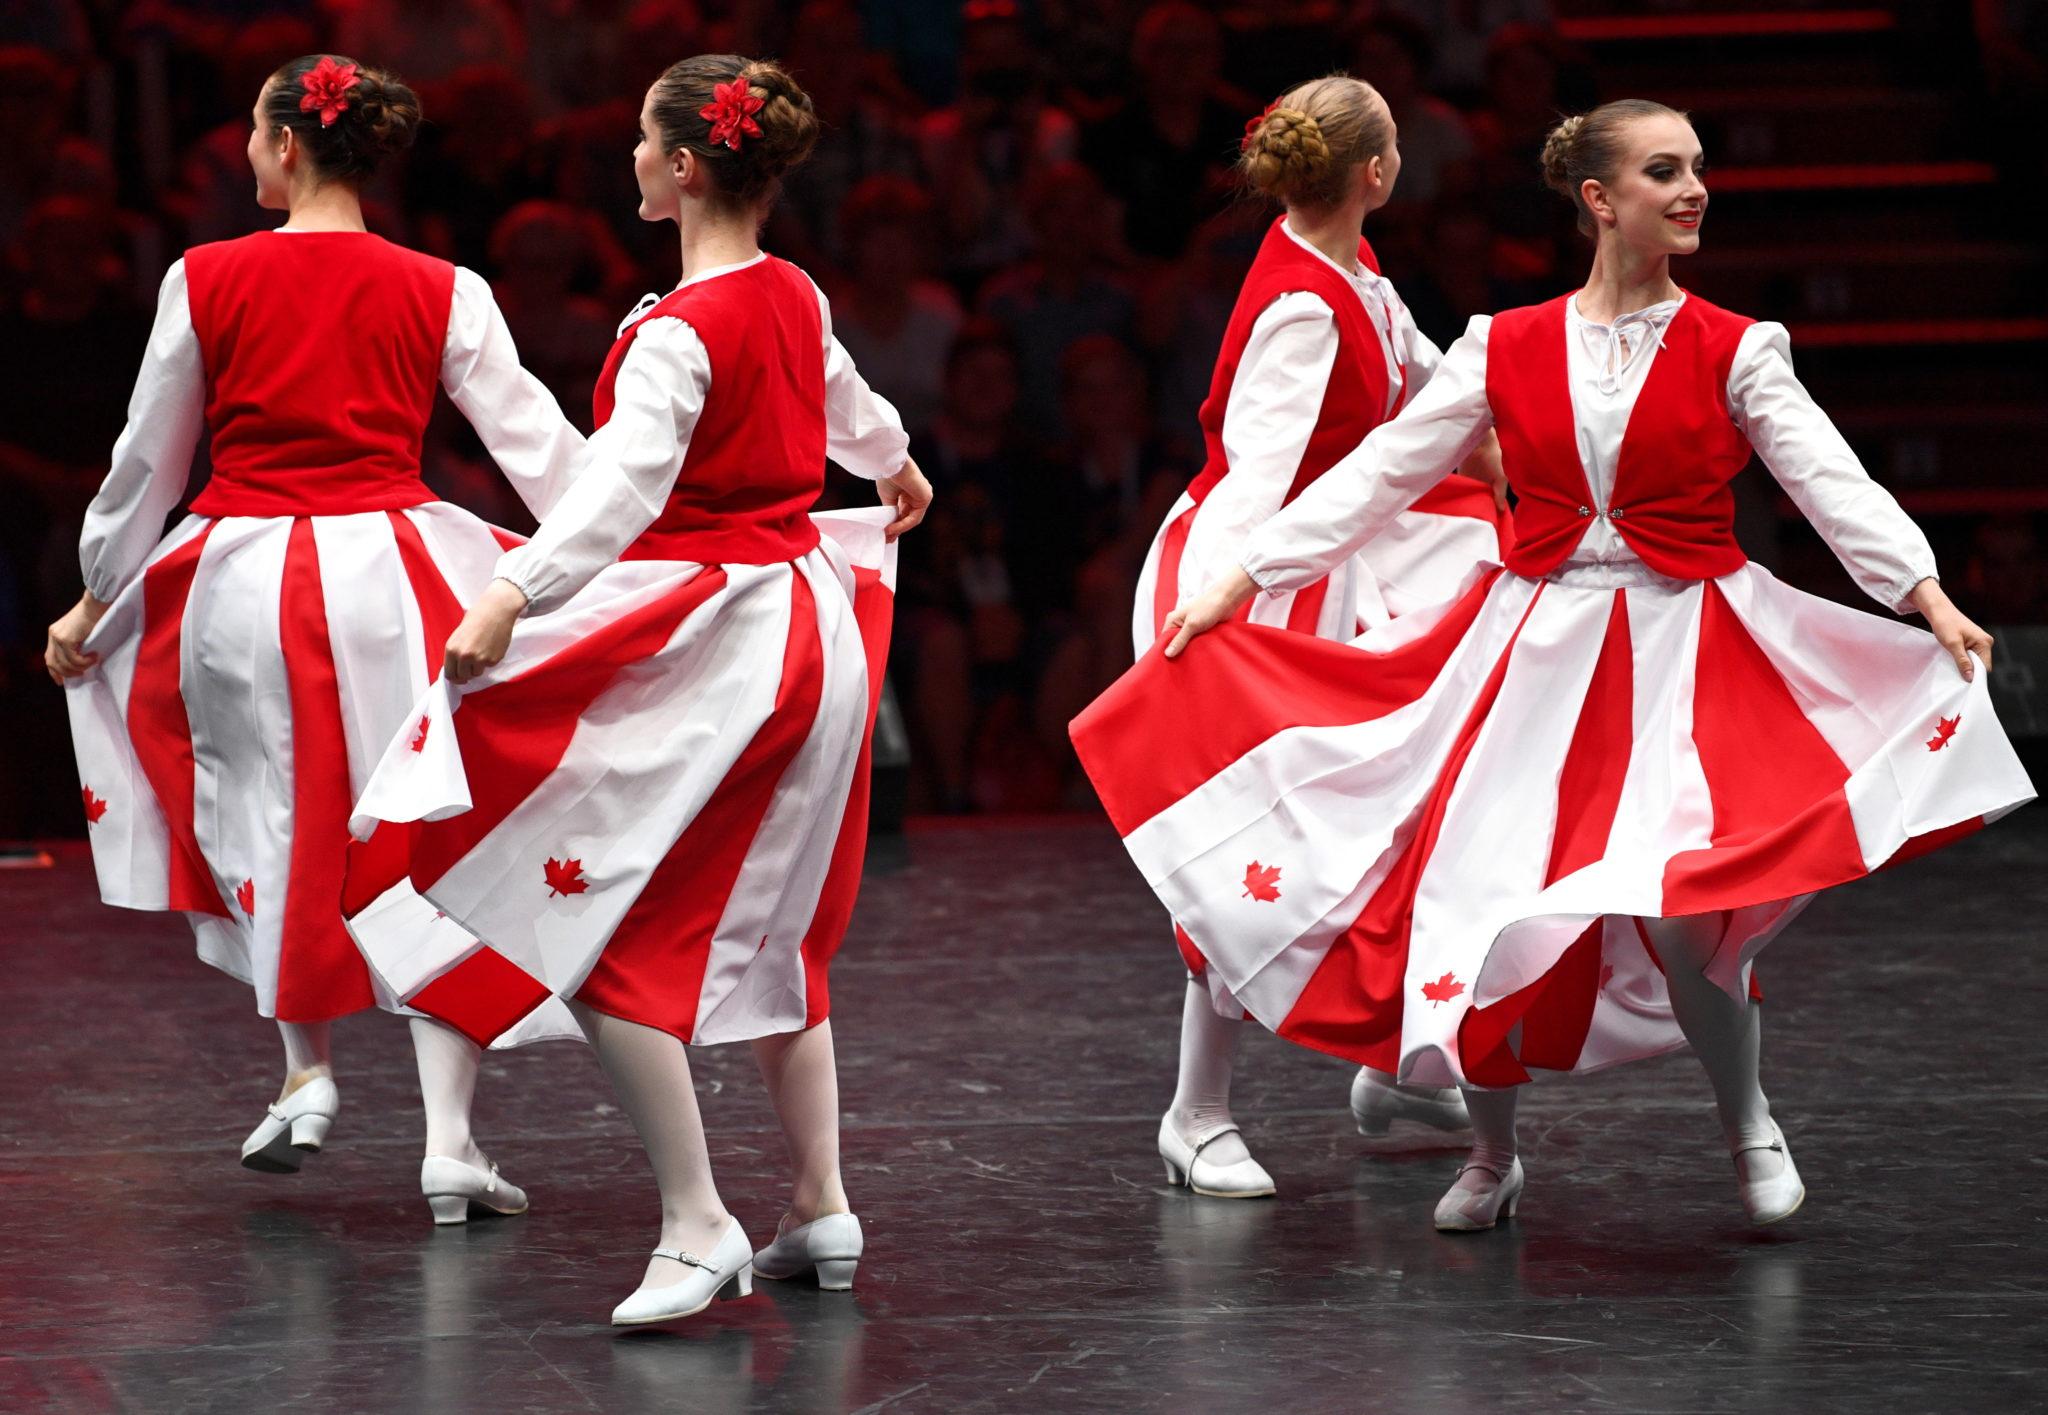 Najliczniej reprezentowana jest Polonia z USA. Festiwal odbywa się w 50. rocznicę jego pierwszej edycji, fot. Darek Delmanowicz, PAP